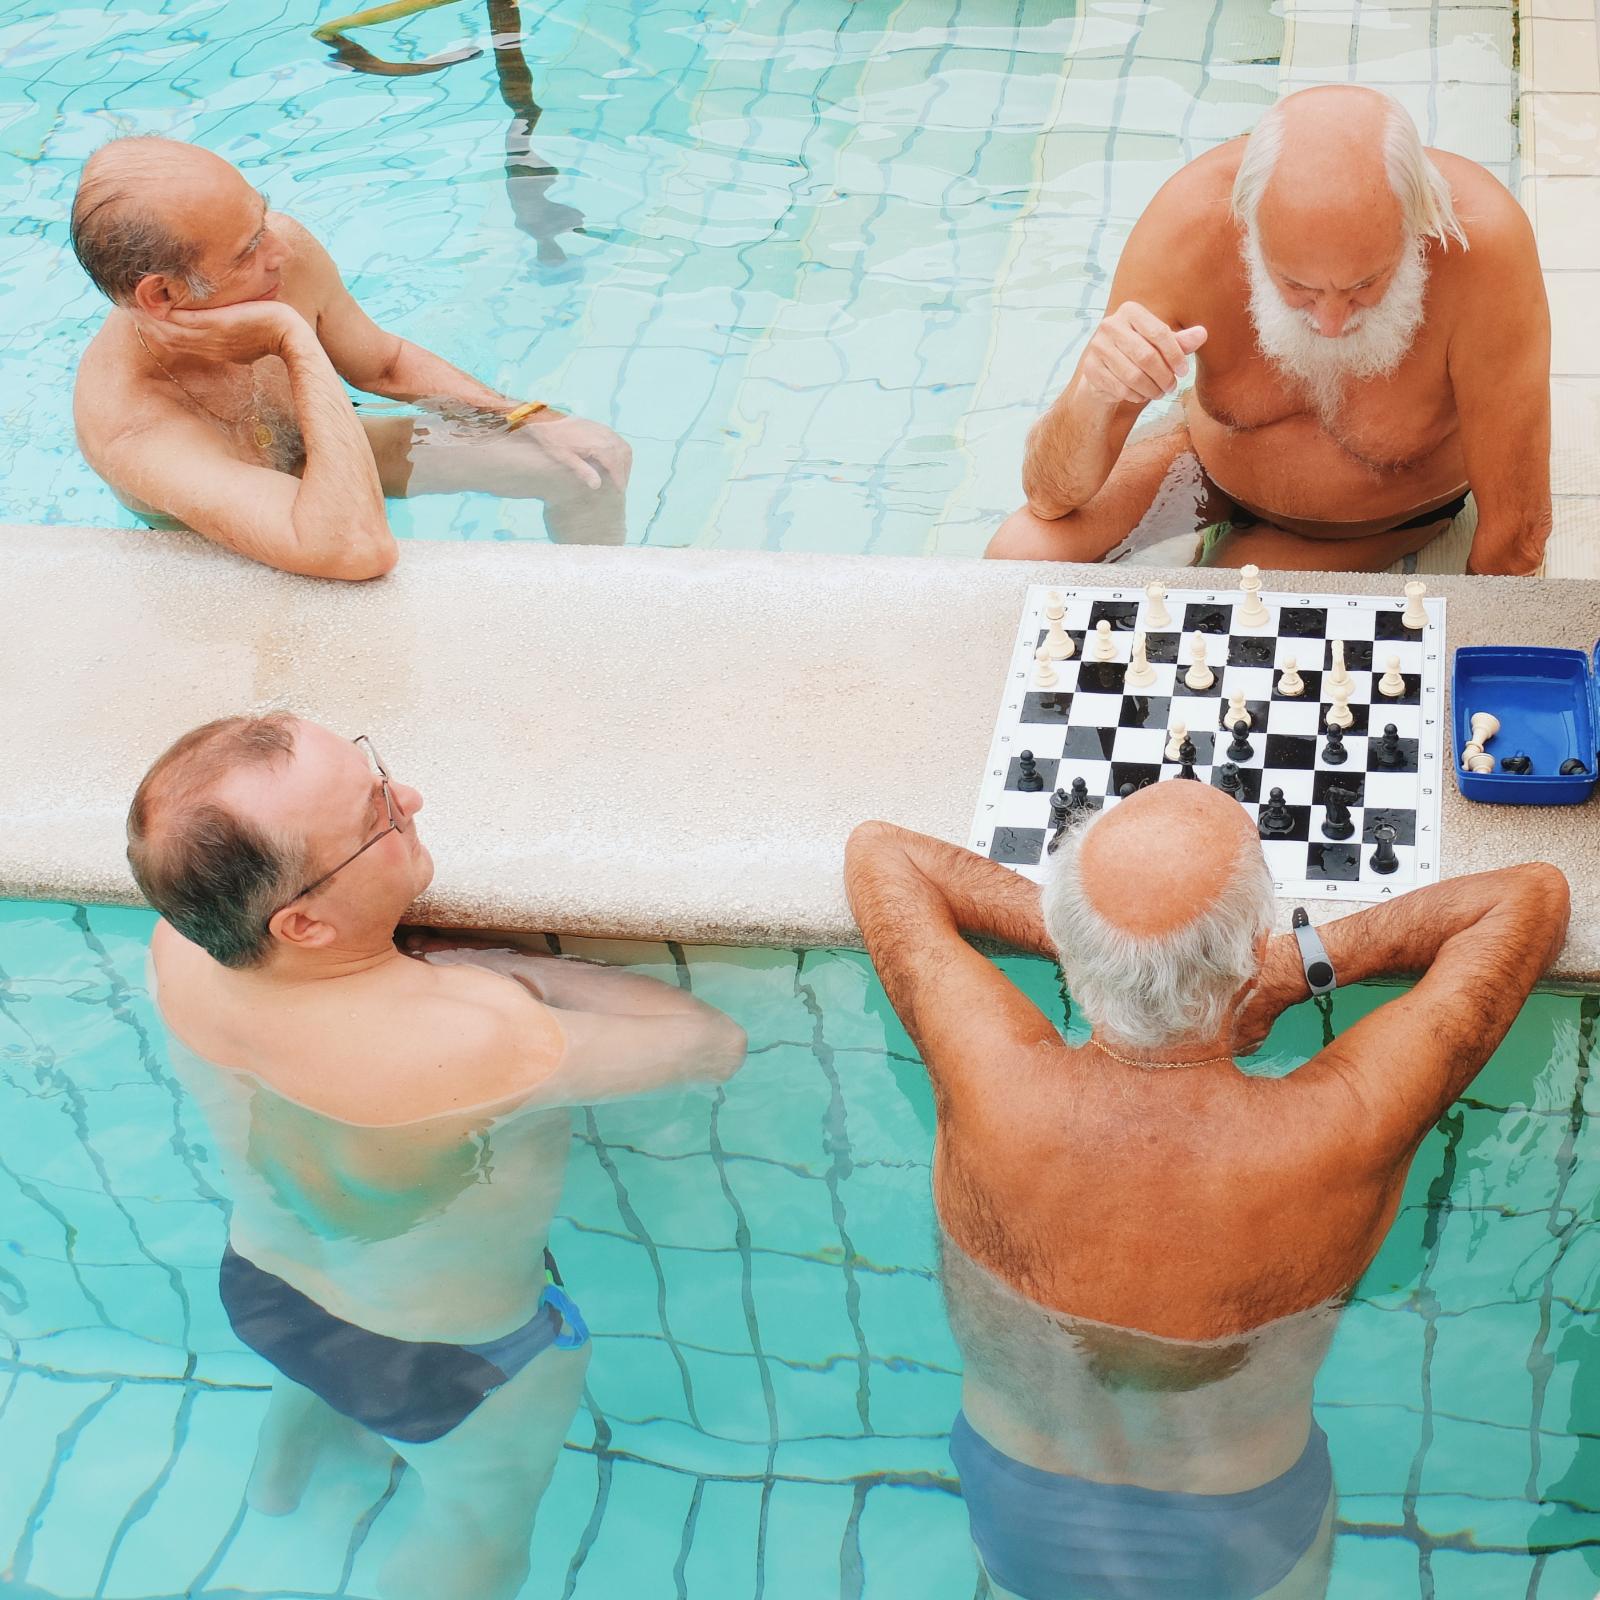 Σκακιστές στην Βουδαπέστη